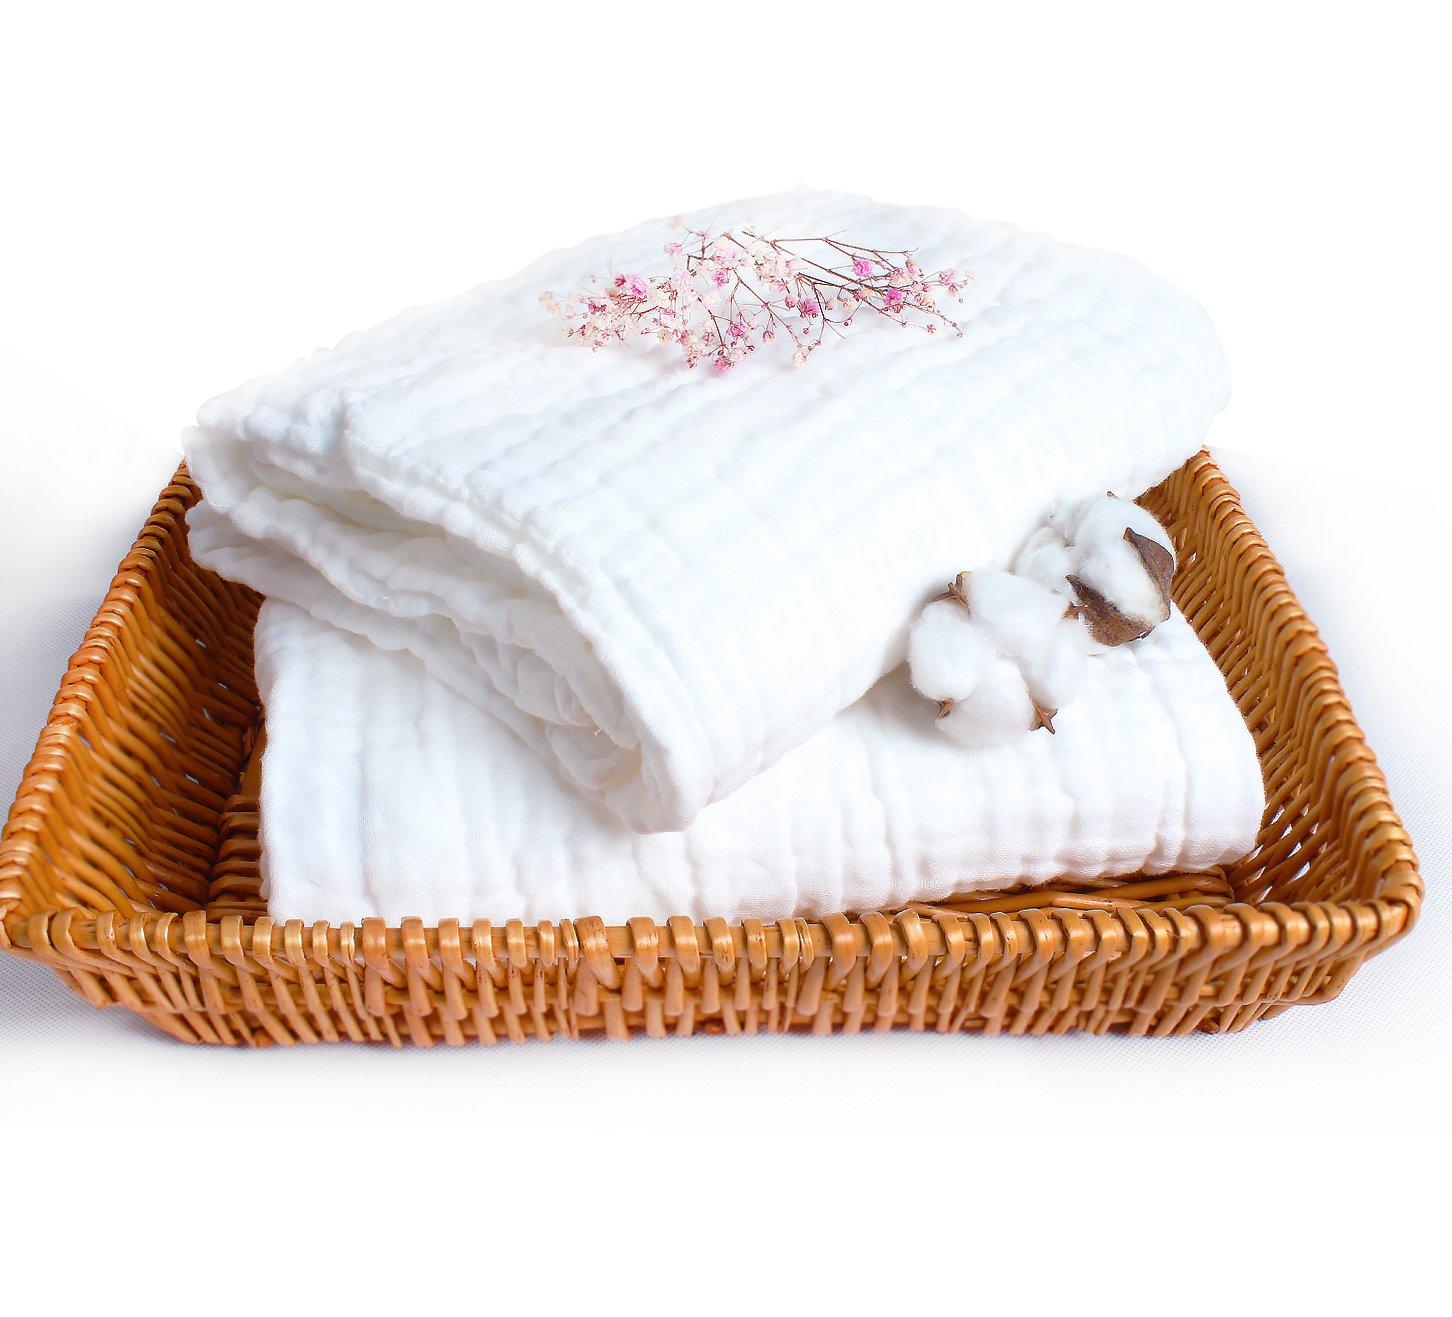 Lucear Toallas de baño para bebés recién nacidos, hechas de algodón, también se pueden usar como sábanas